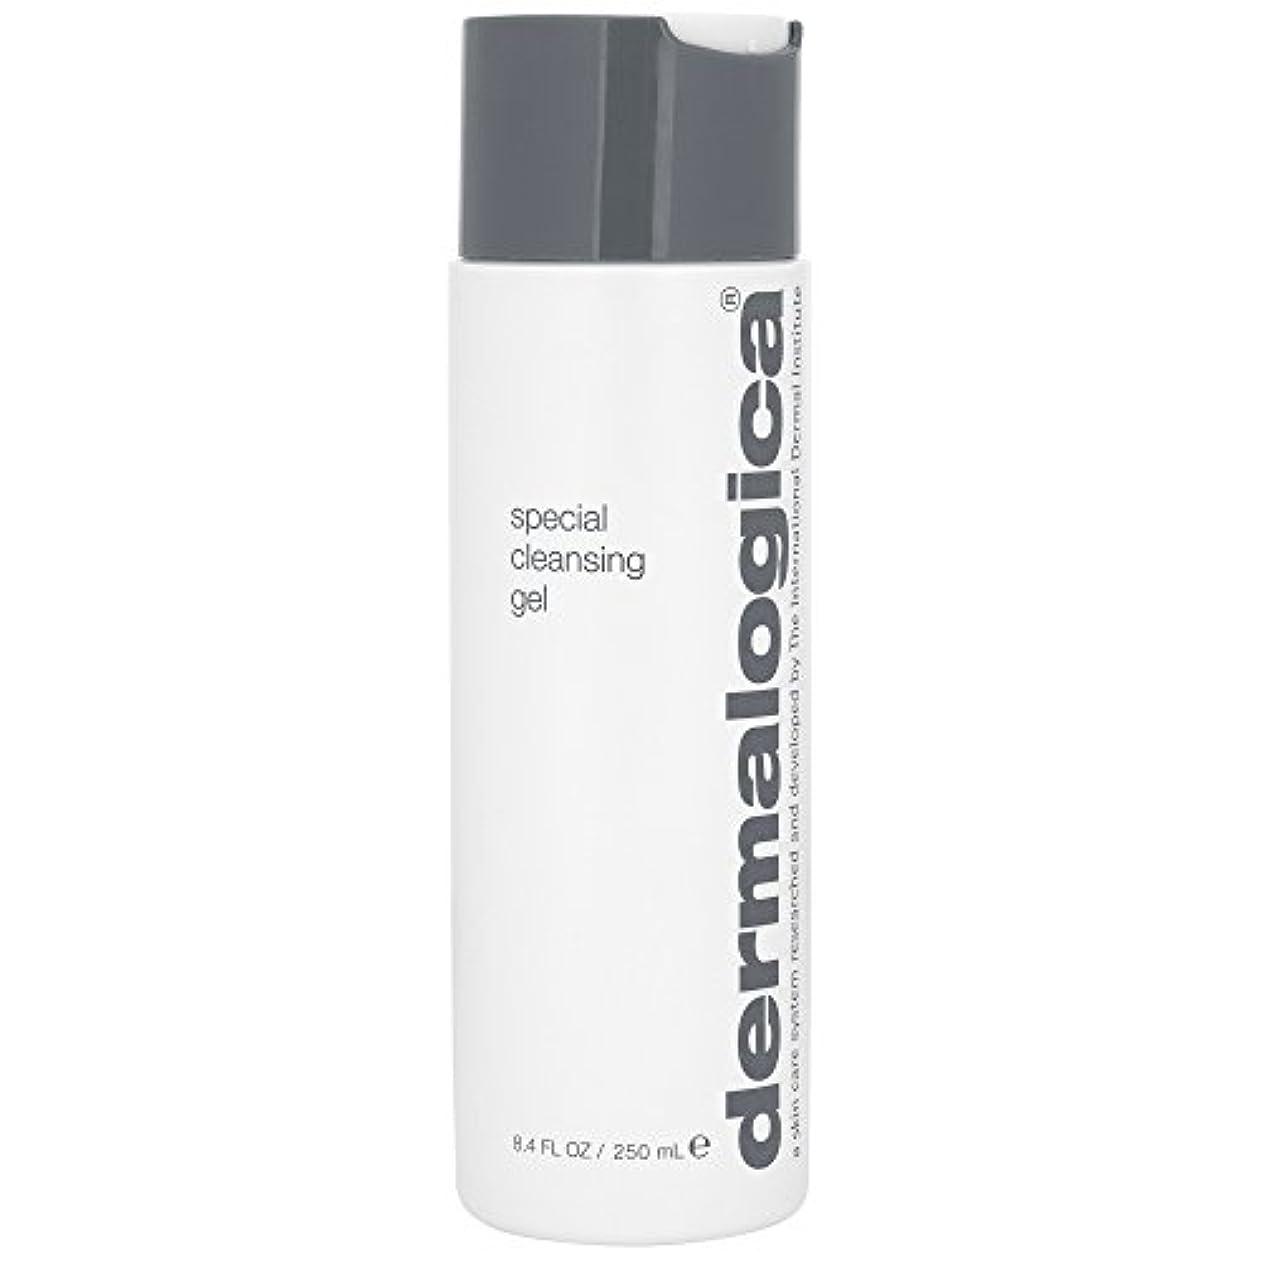 パーススポンサー変装ダーマロジカ特別なクレンジングゲル250ミリリットル (Dermalogica) (x2) - Dermalogica Special Cleansing Gel 250ml (Pack of 2) [並行輸入品]